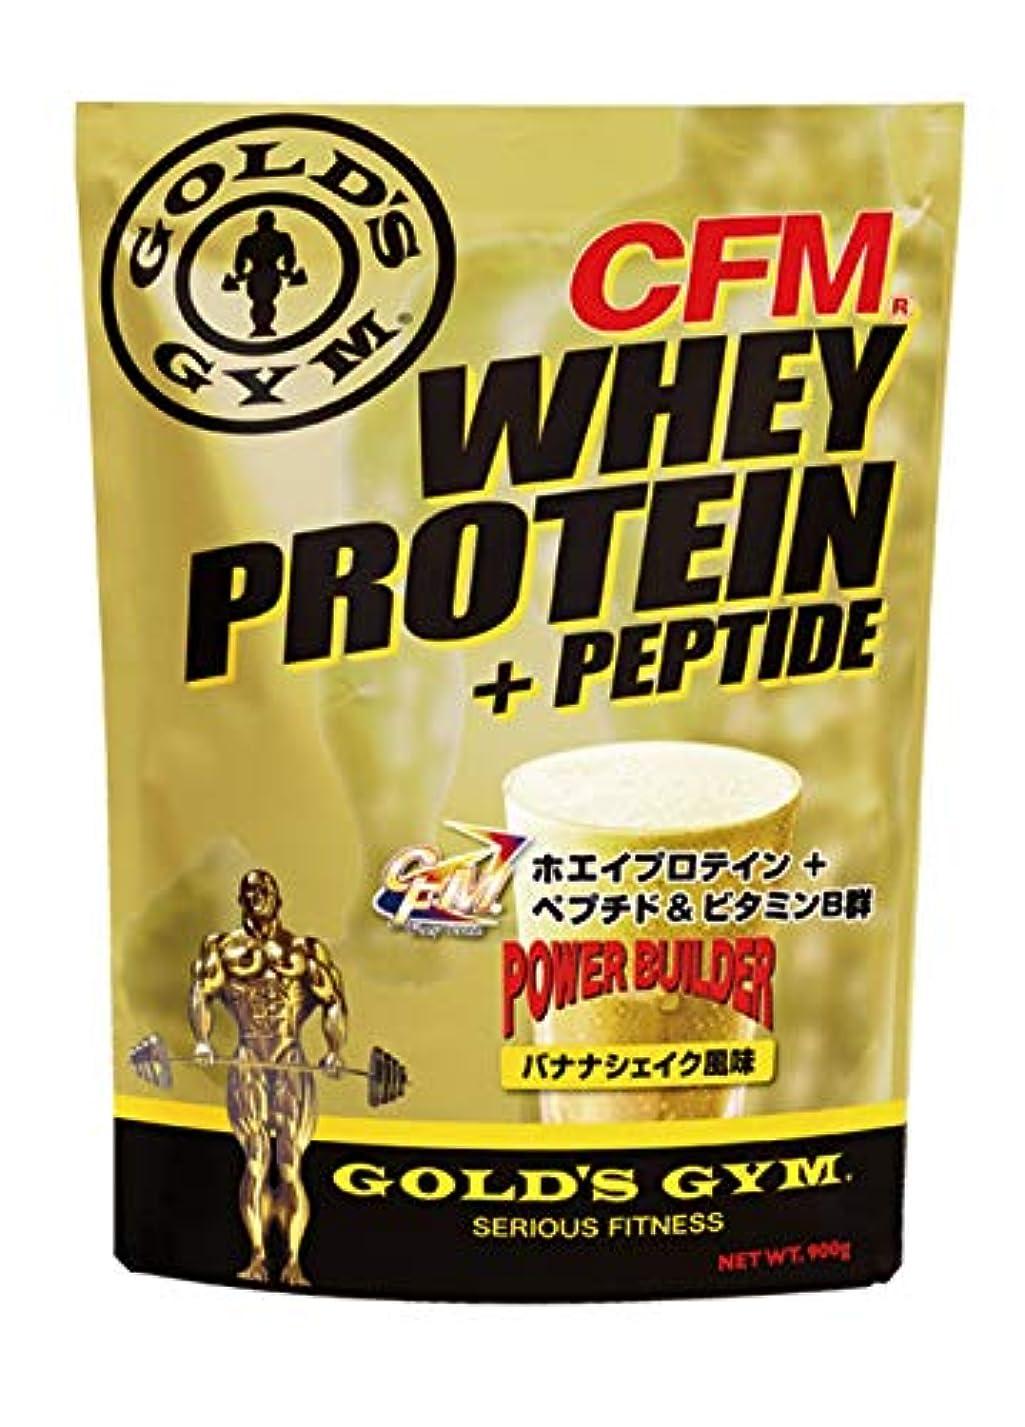 小説家放射能に話すゴールドジム(GOLD'S GYM) CFMホエイプロテイン バナナシェイク風味 2kg